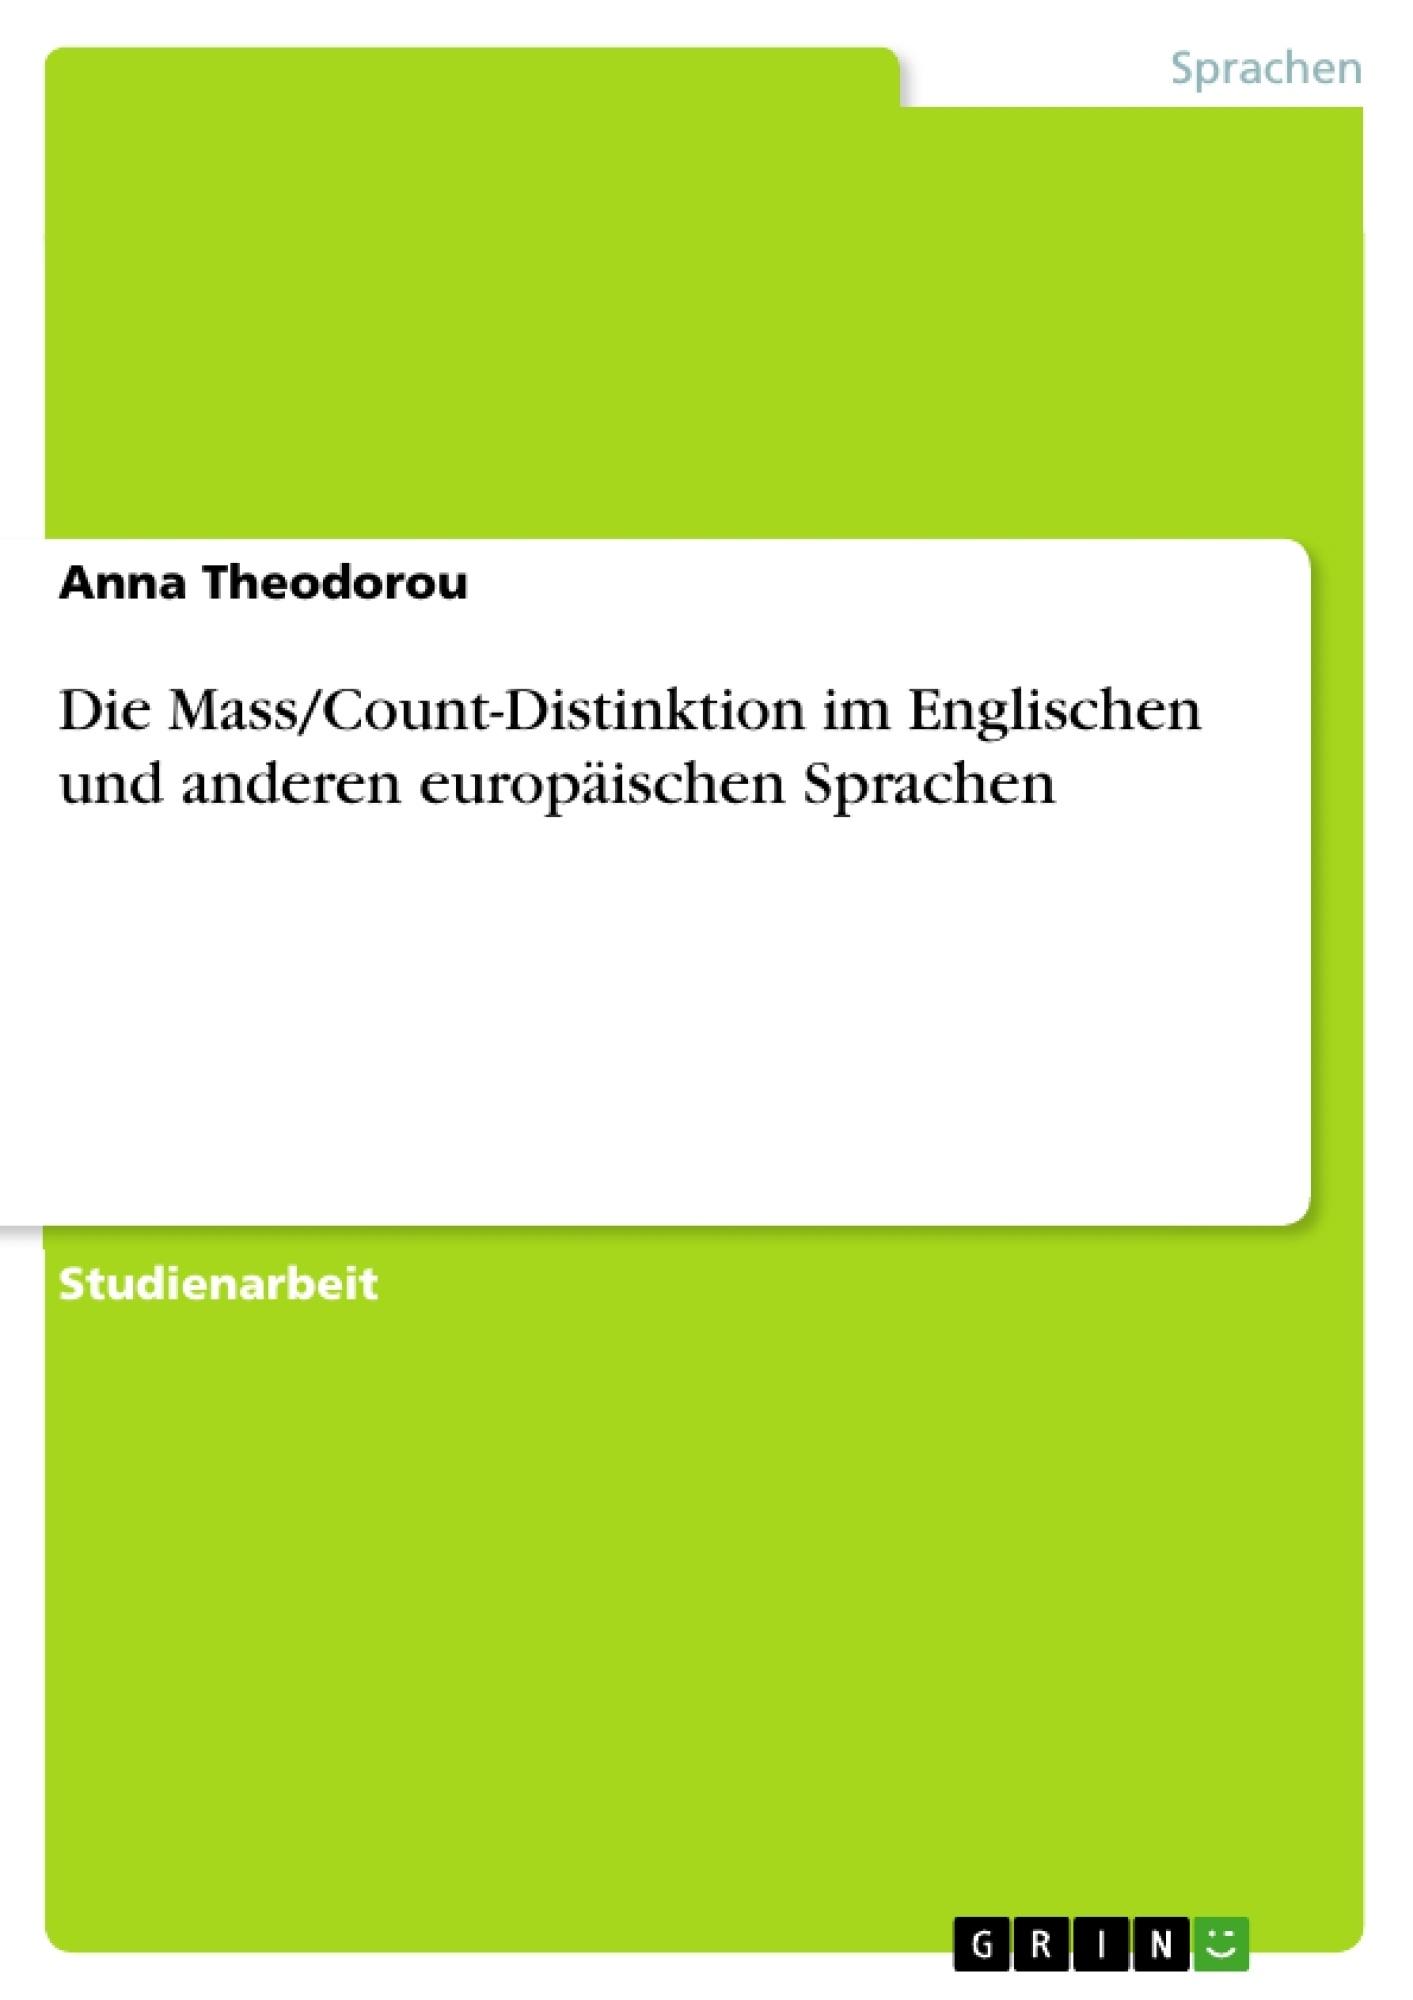 Titel: Die Mass/Count-Distinktion im Englischen und anderen europäischen Sprachen